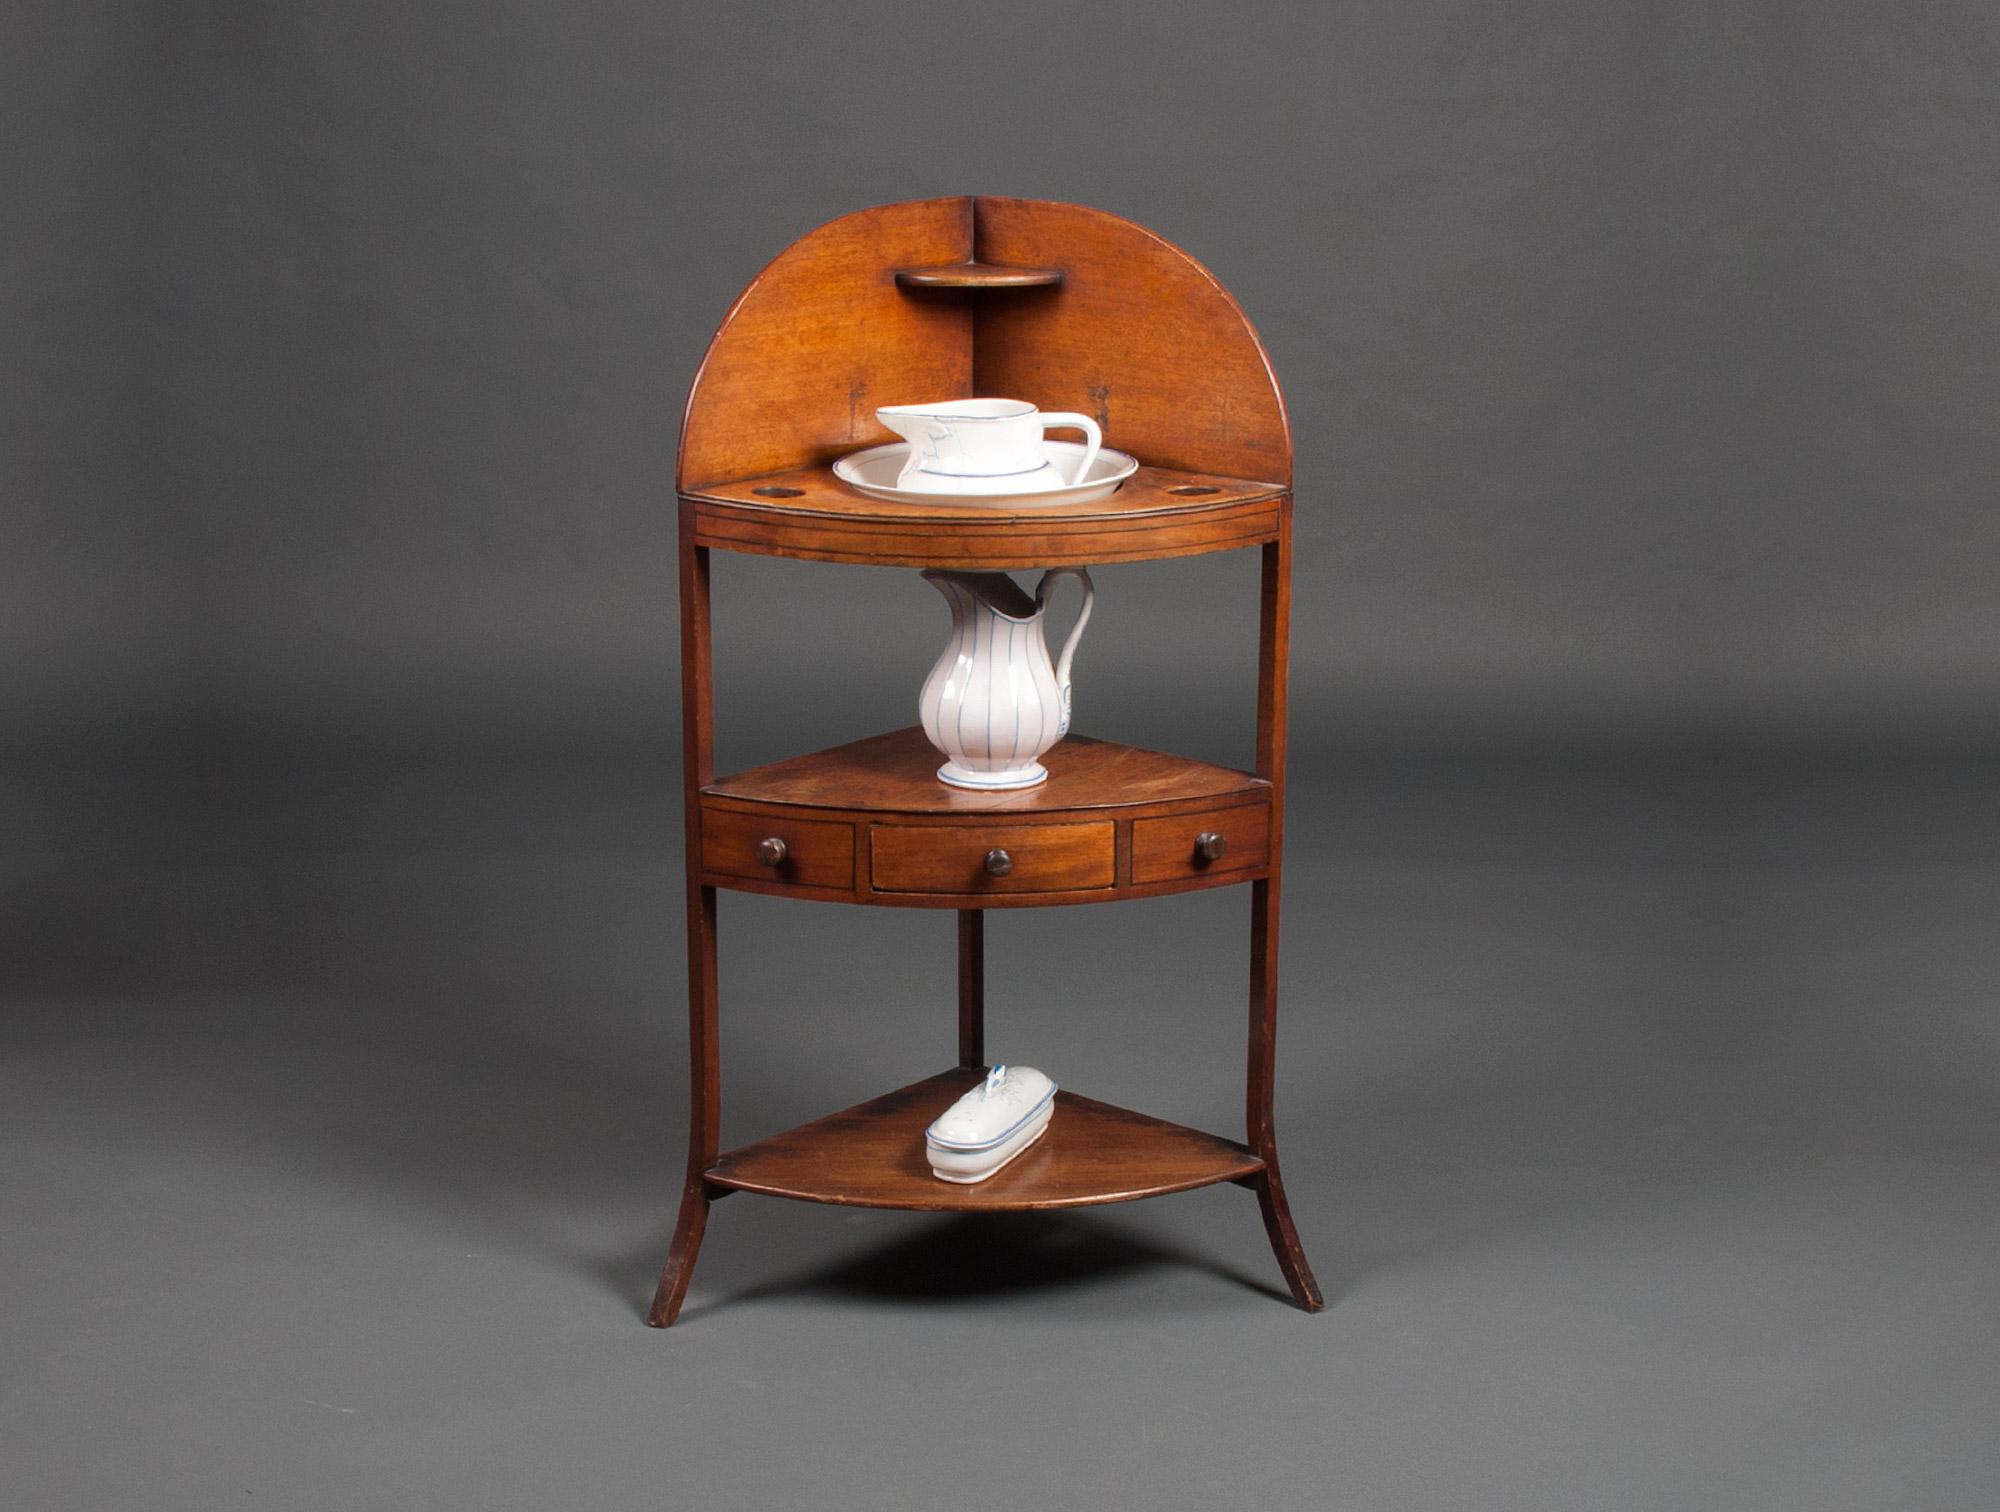 Meuble de toilette d 39 angle soubrier louer tables bureaux - Meuble d angle toilette ...